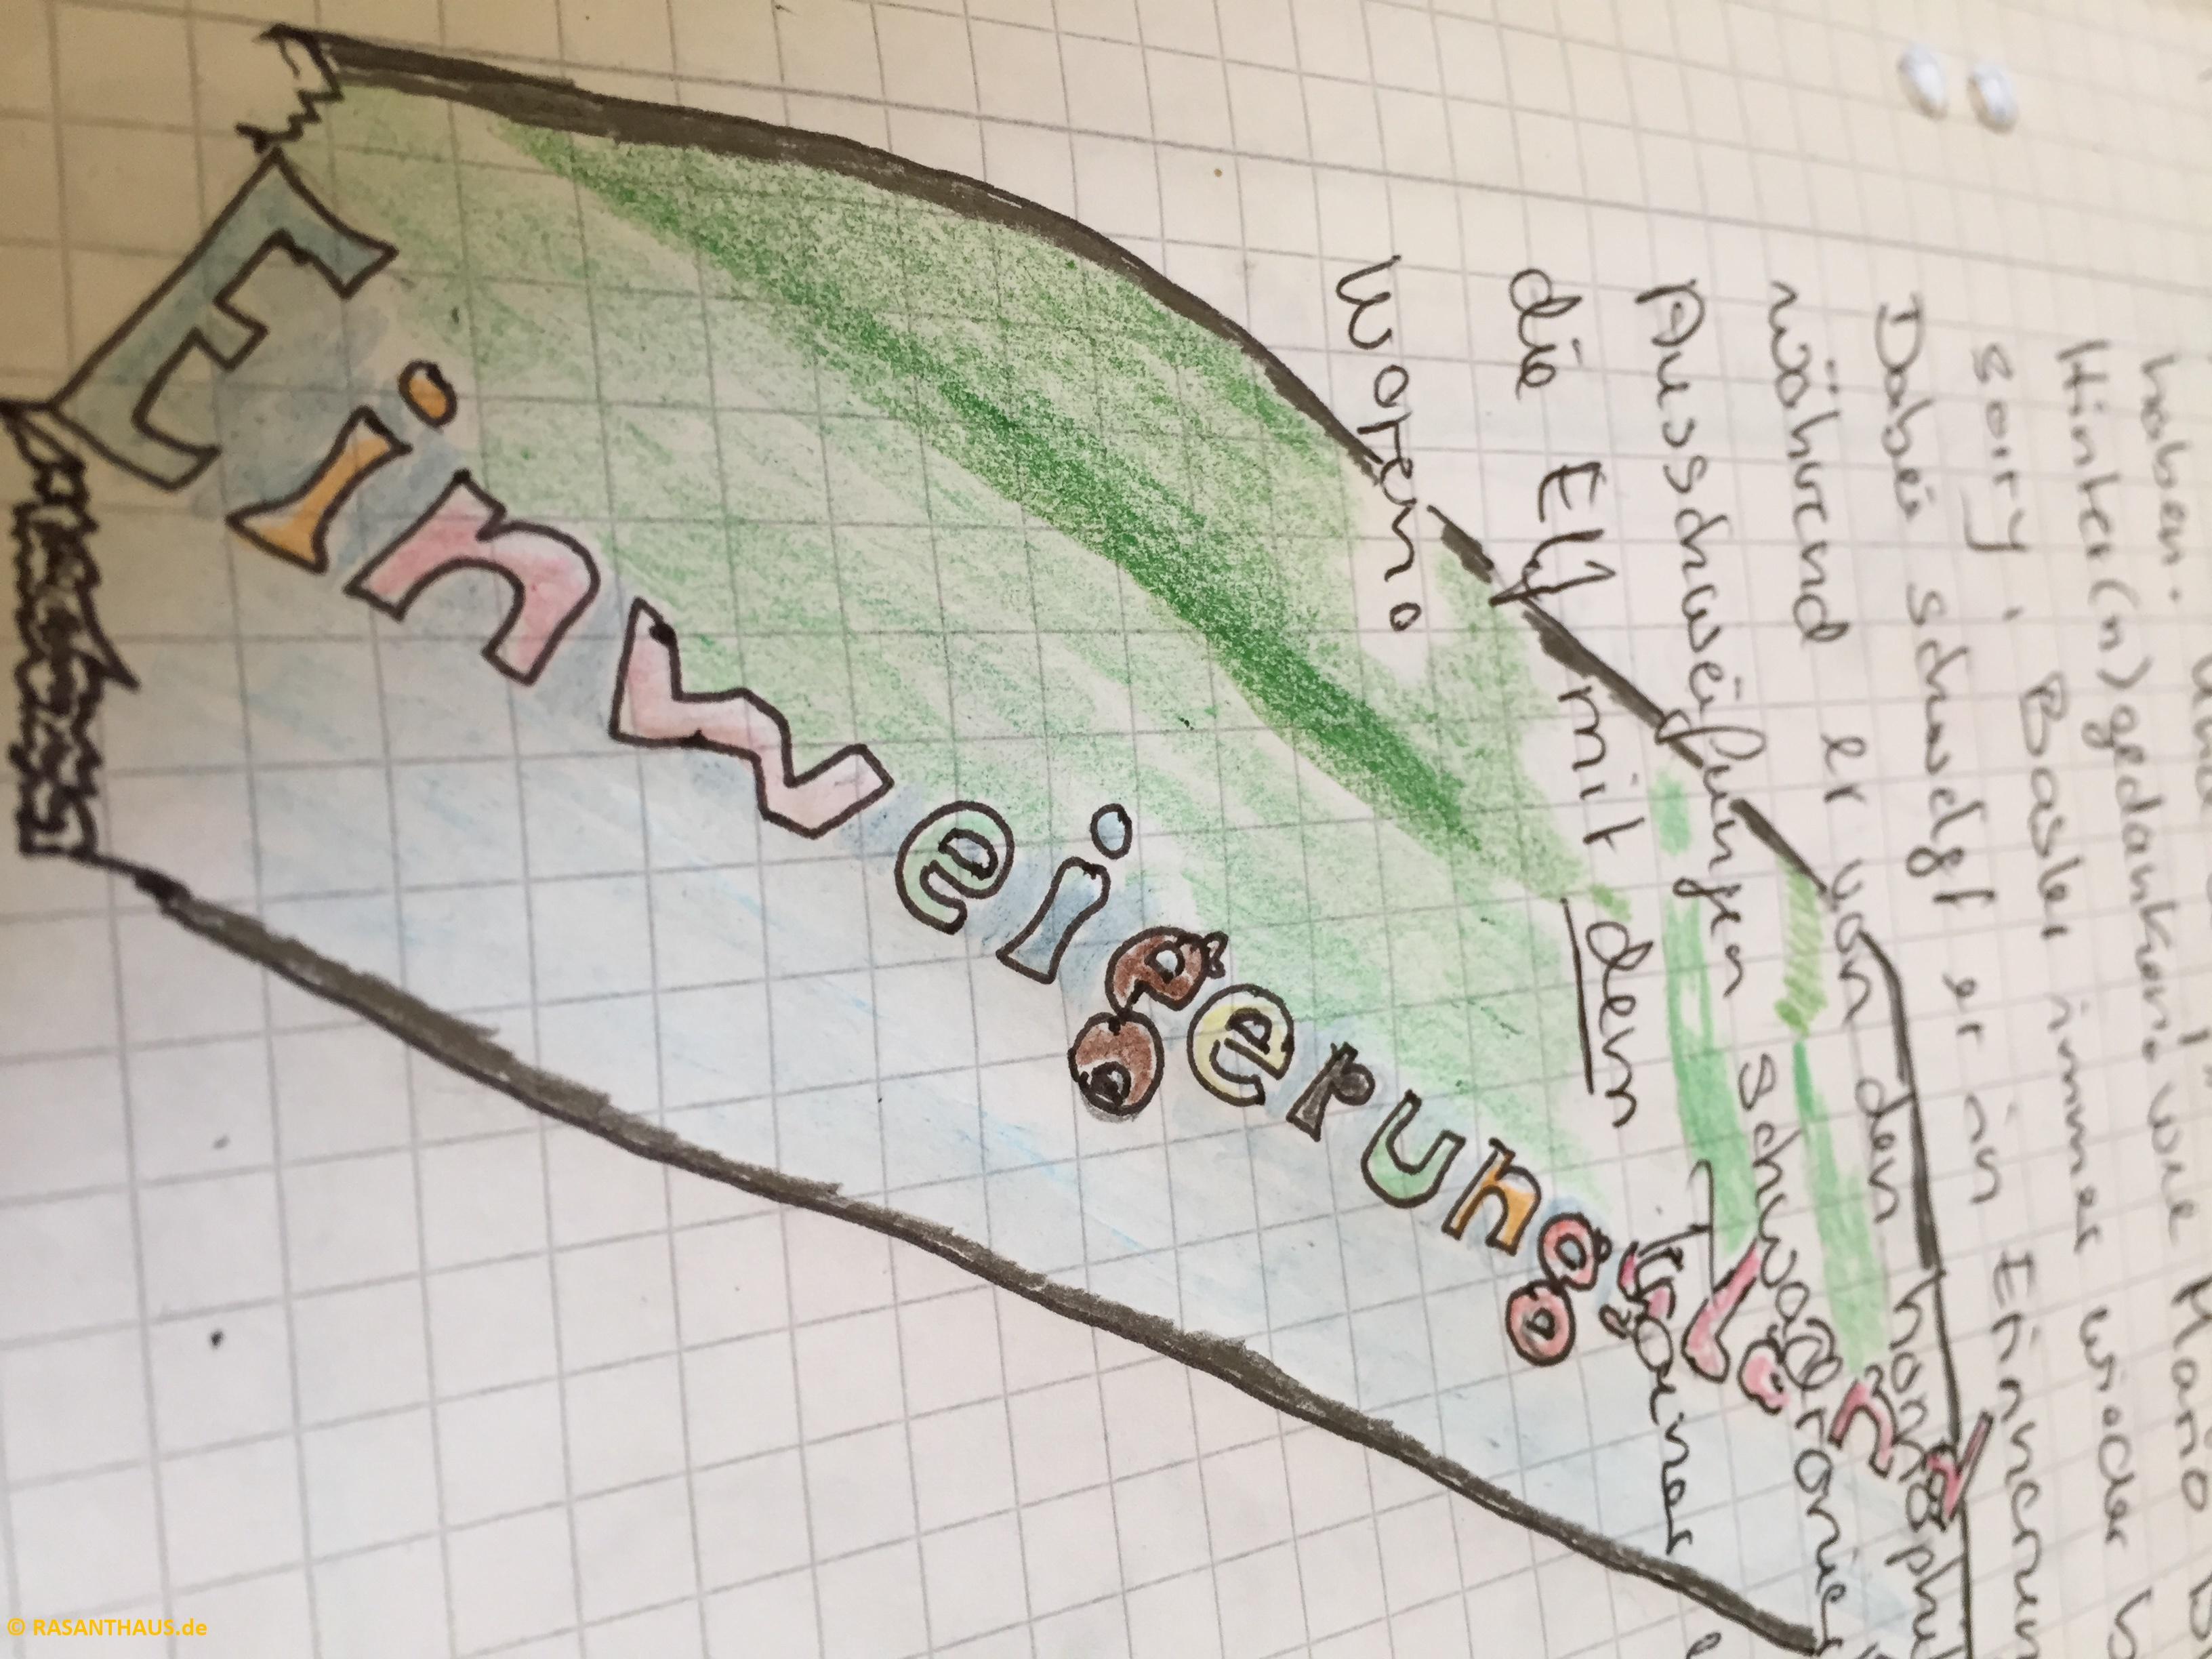 Einweigerungsland in pink mit grünen Hintergrund und braun gerahmt